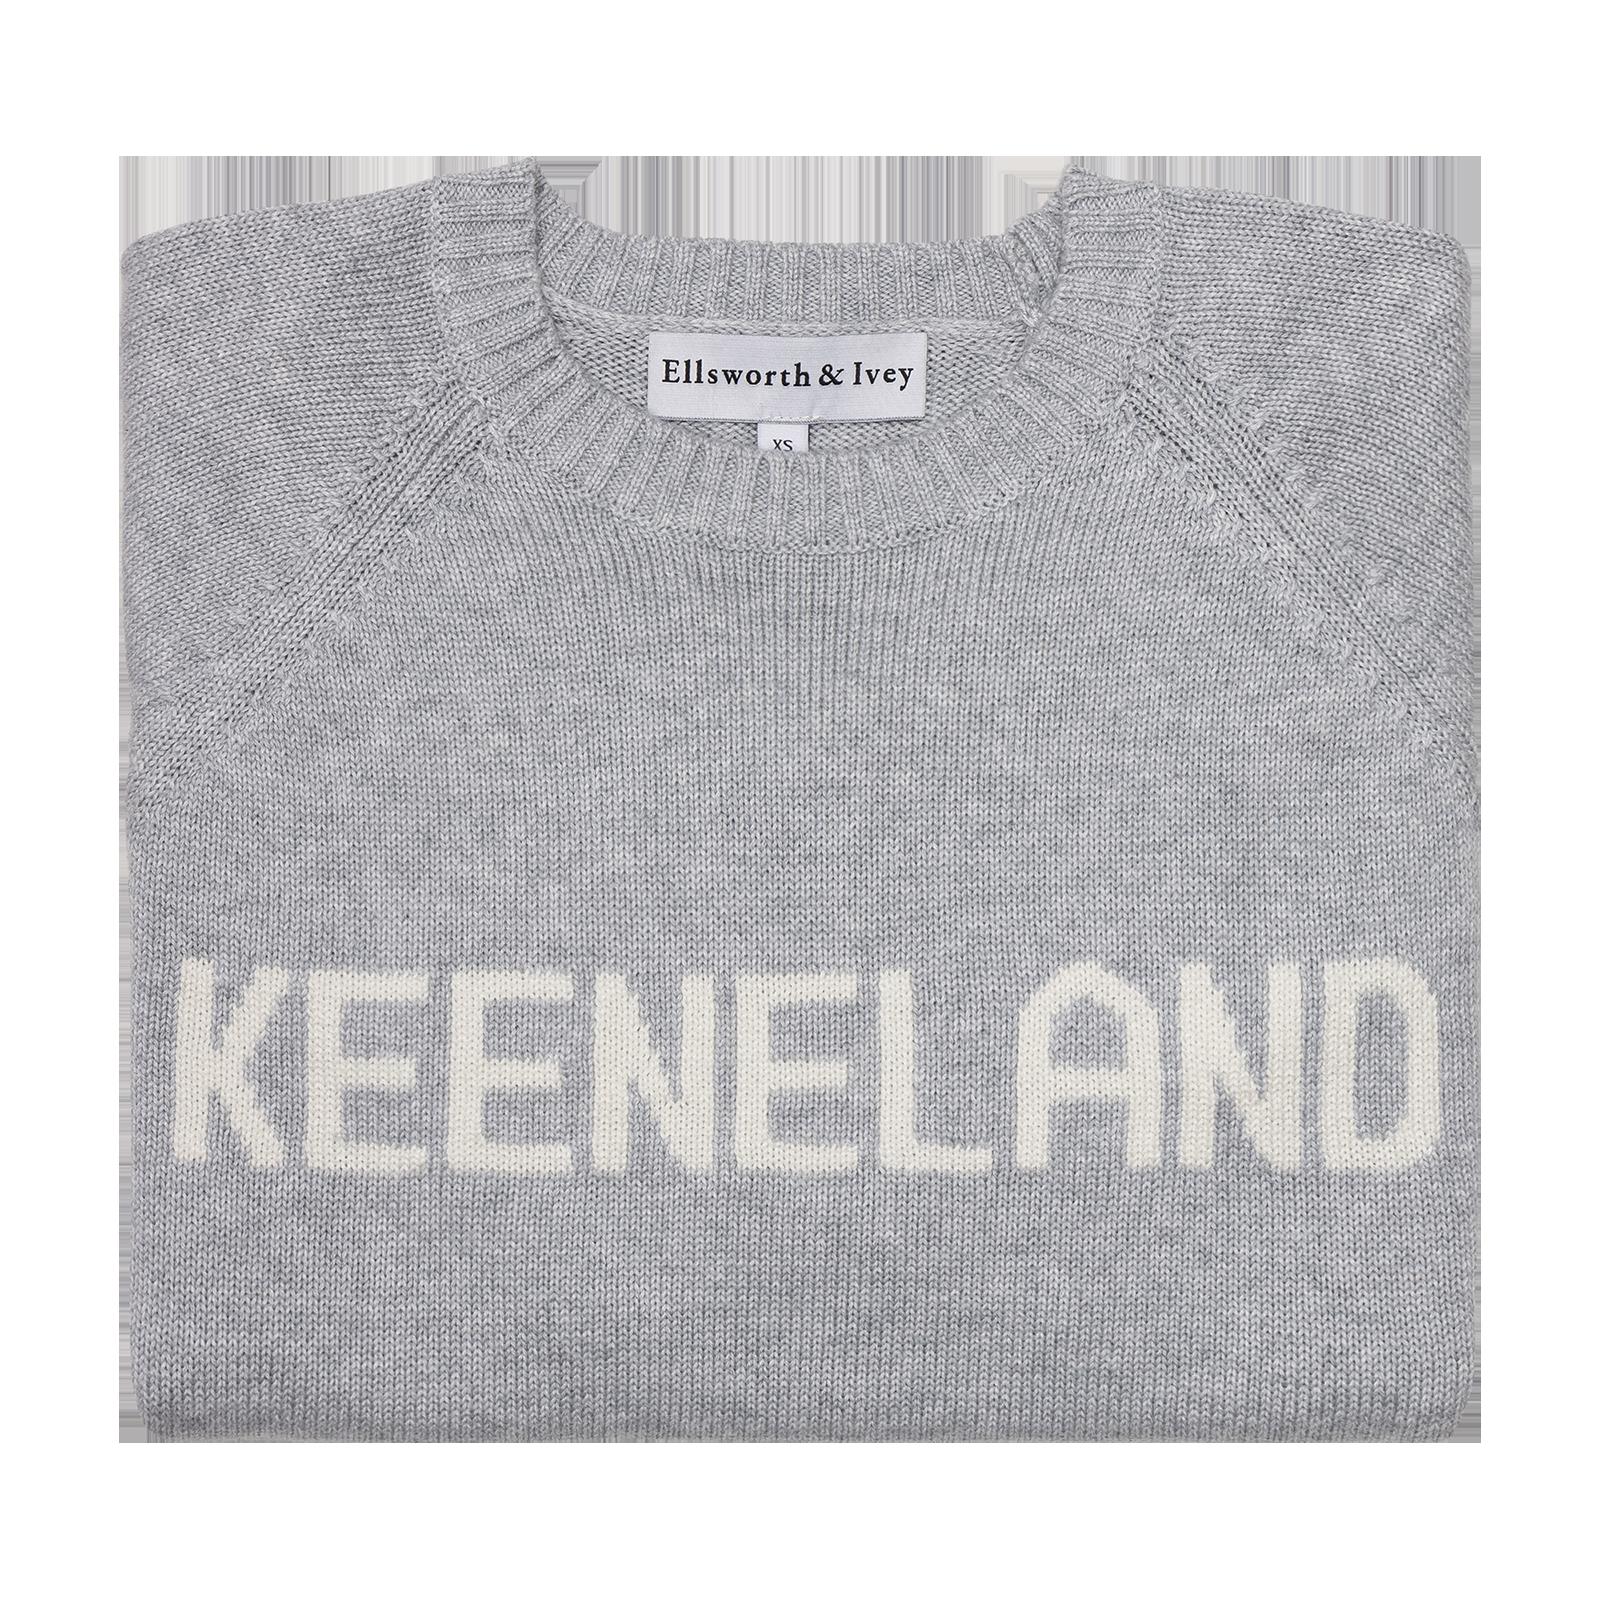 Folded sweater product photo